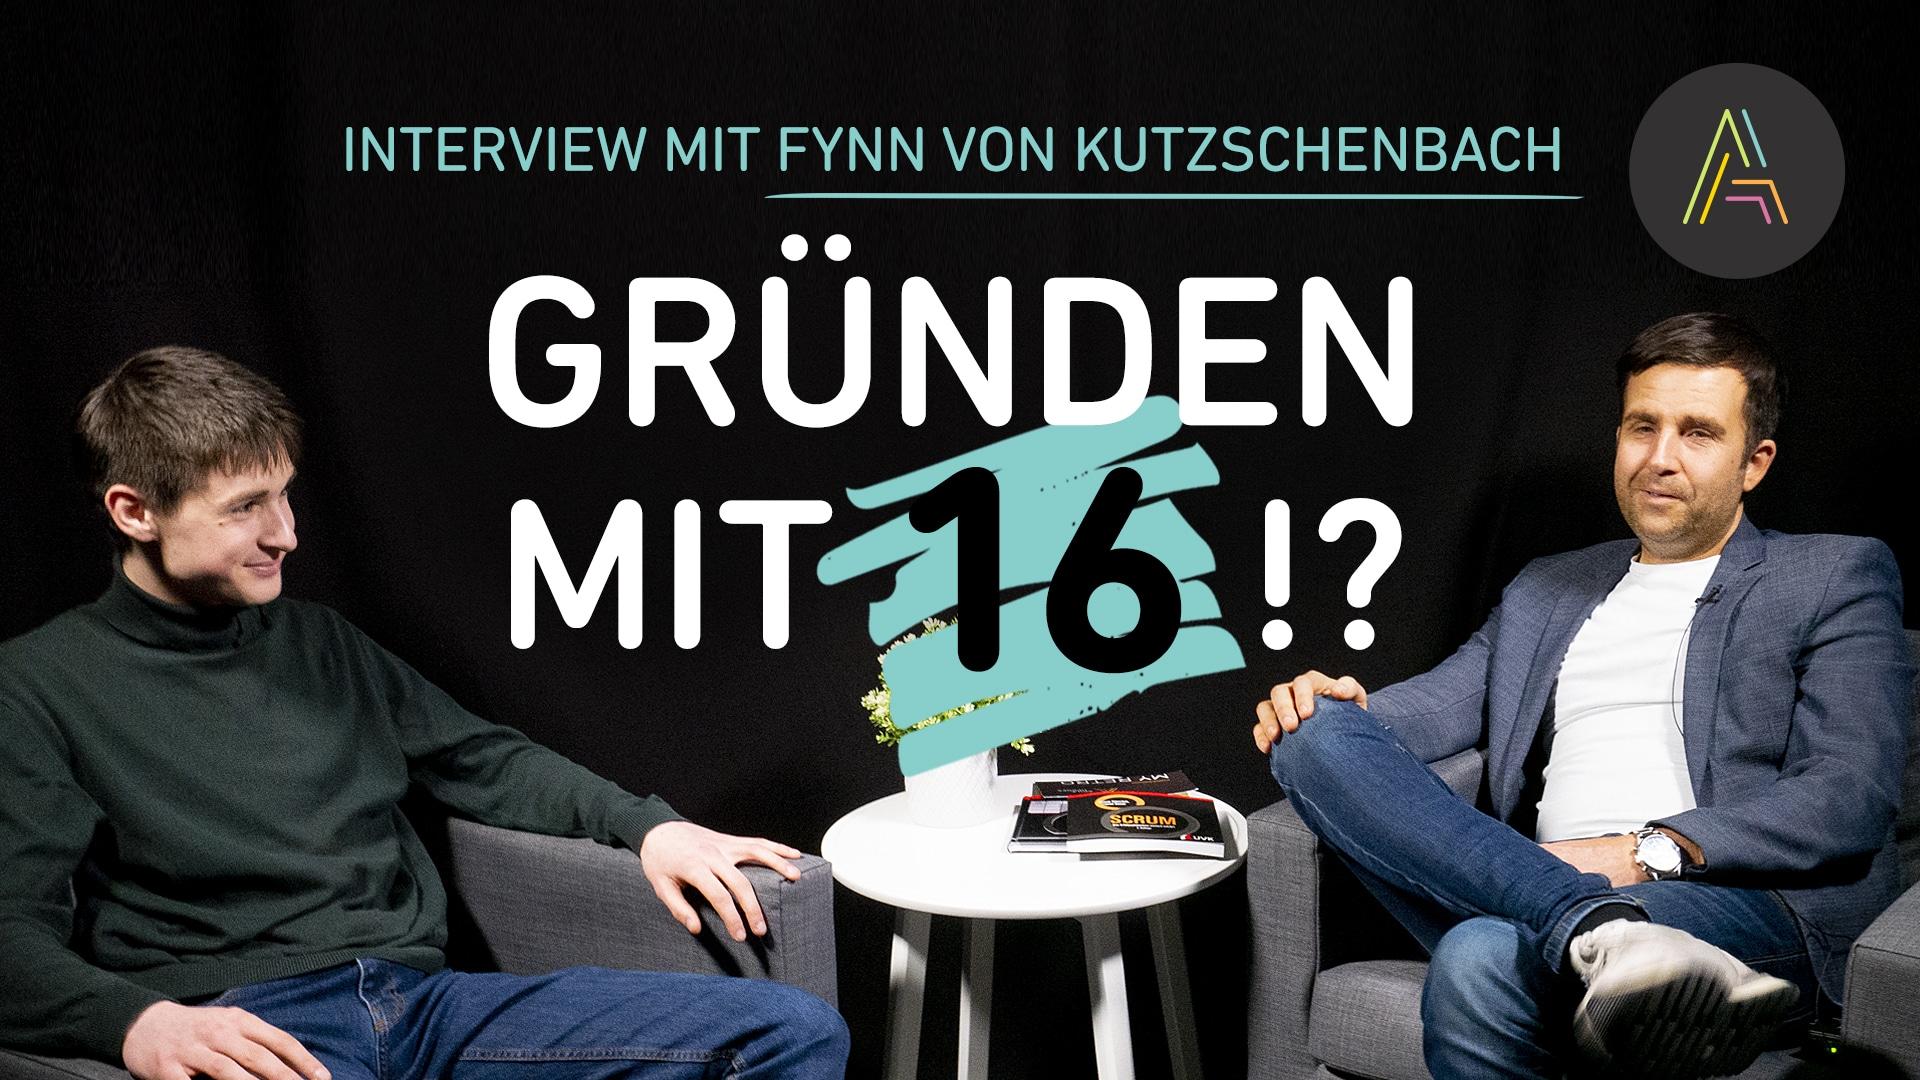 Fynn-von-Kutzschenbach